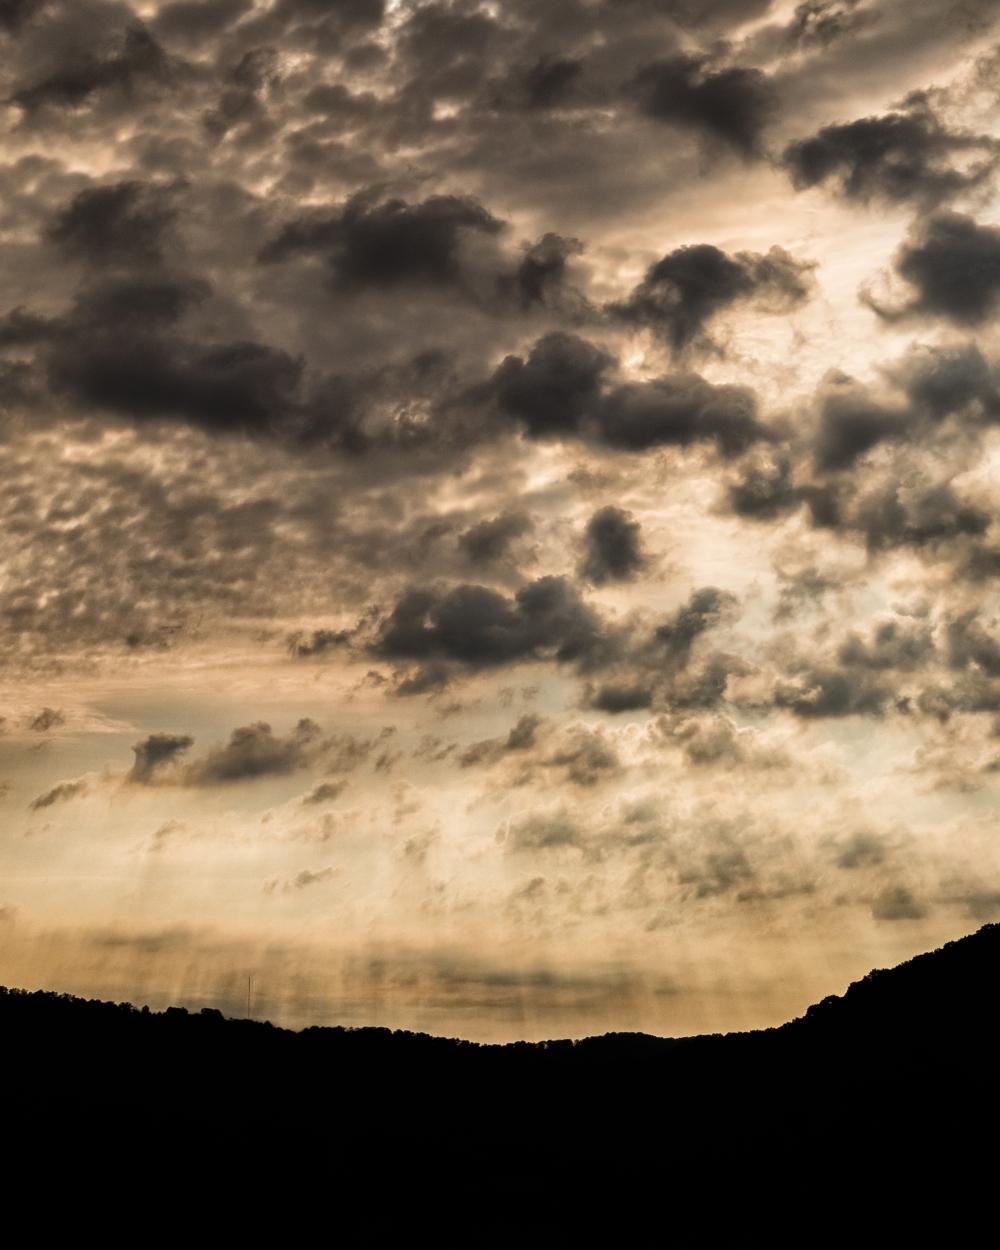 Clouds Fog Bunny-4